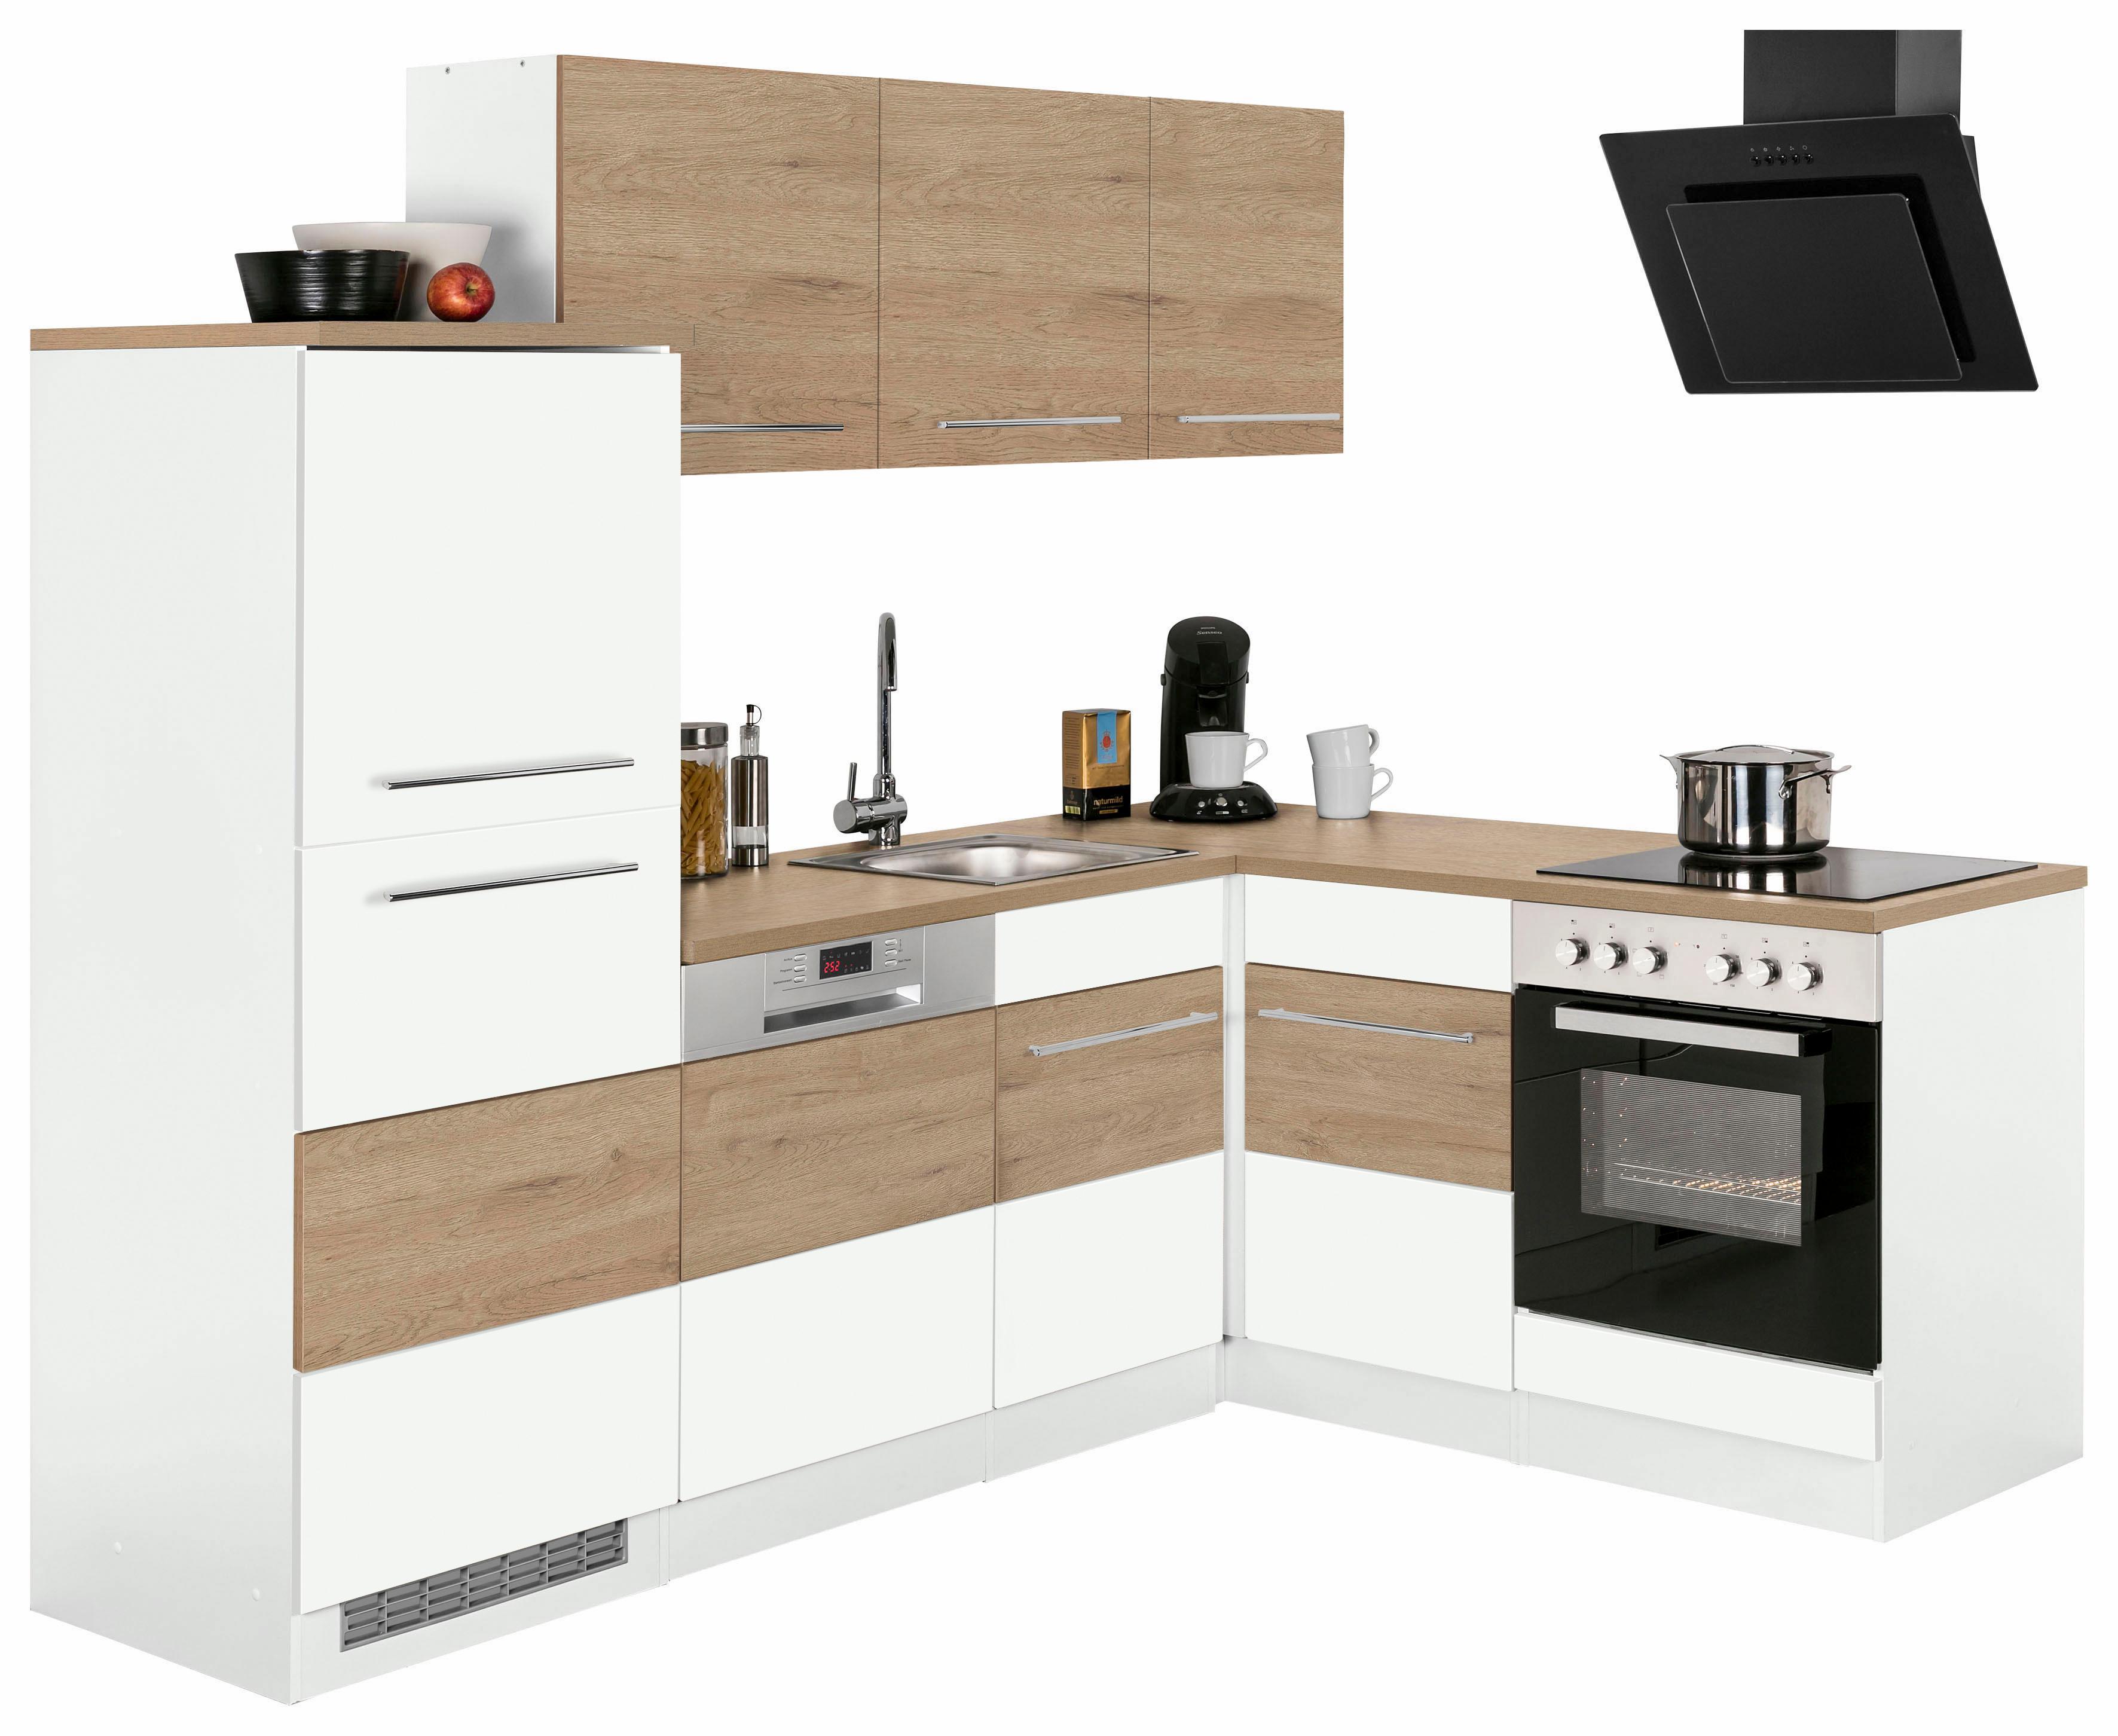 Bildquelle: Winkelküche »Trient«, Ohne E Geräte, Stellbreite 230 X 170 Cm